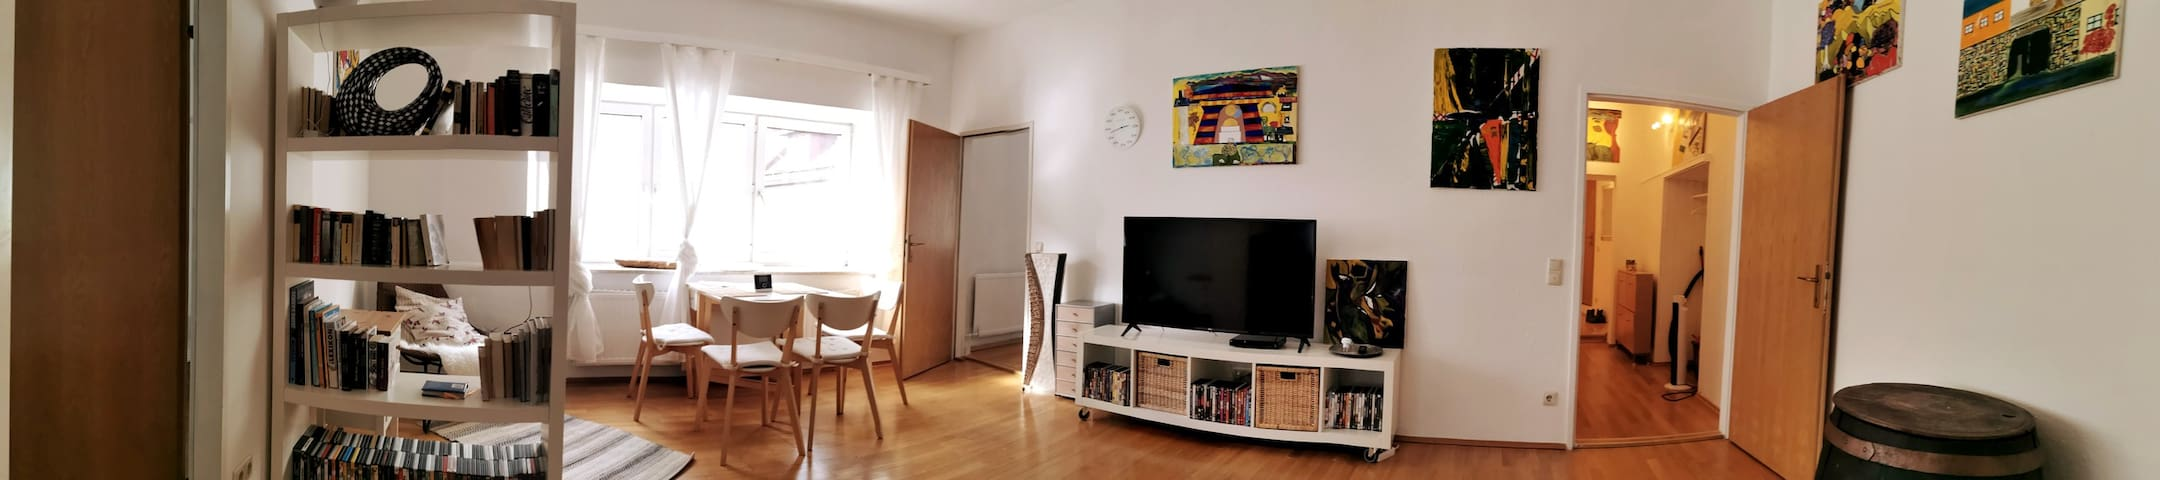 70 m2 Wohnung mitten im Herzen von Bad Ischl